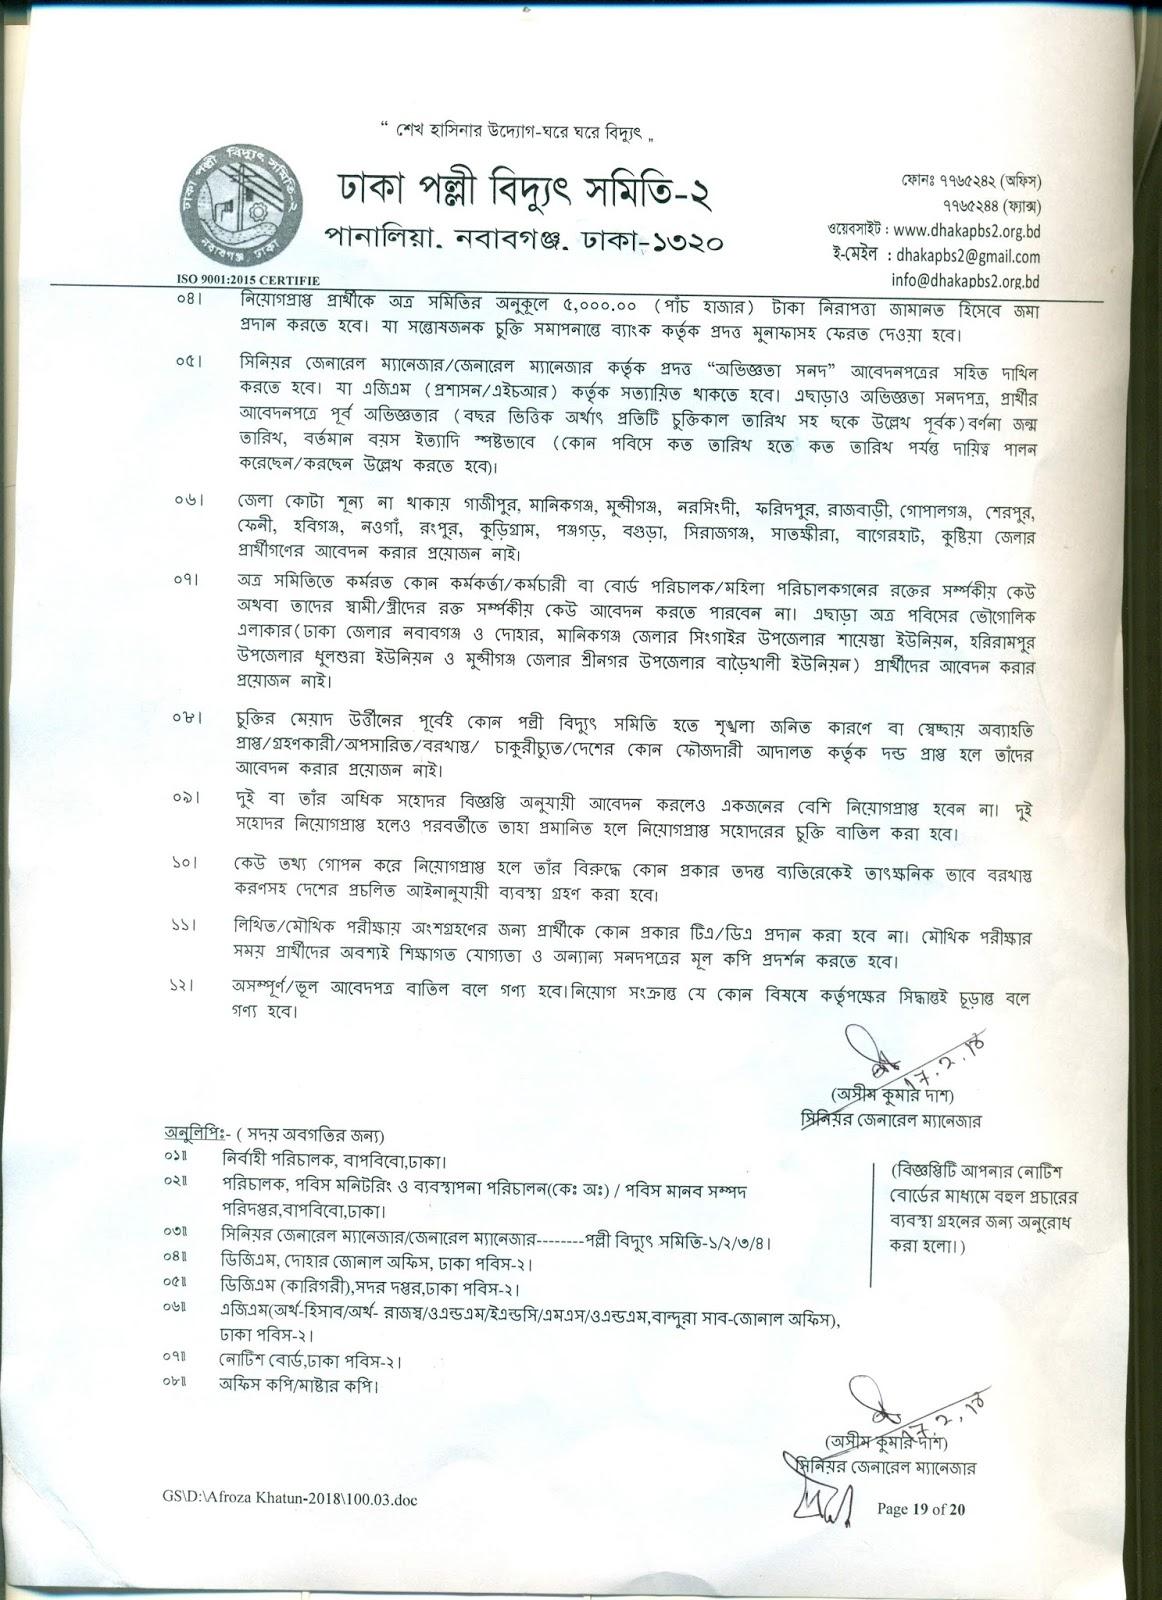 Dhaka Palli Bidyut Samity-2 Job Circular 2018